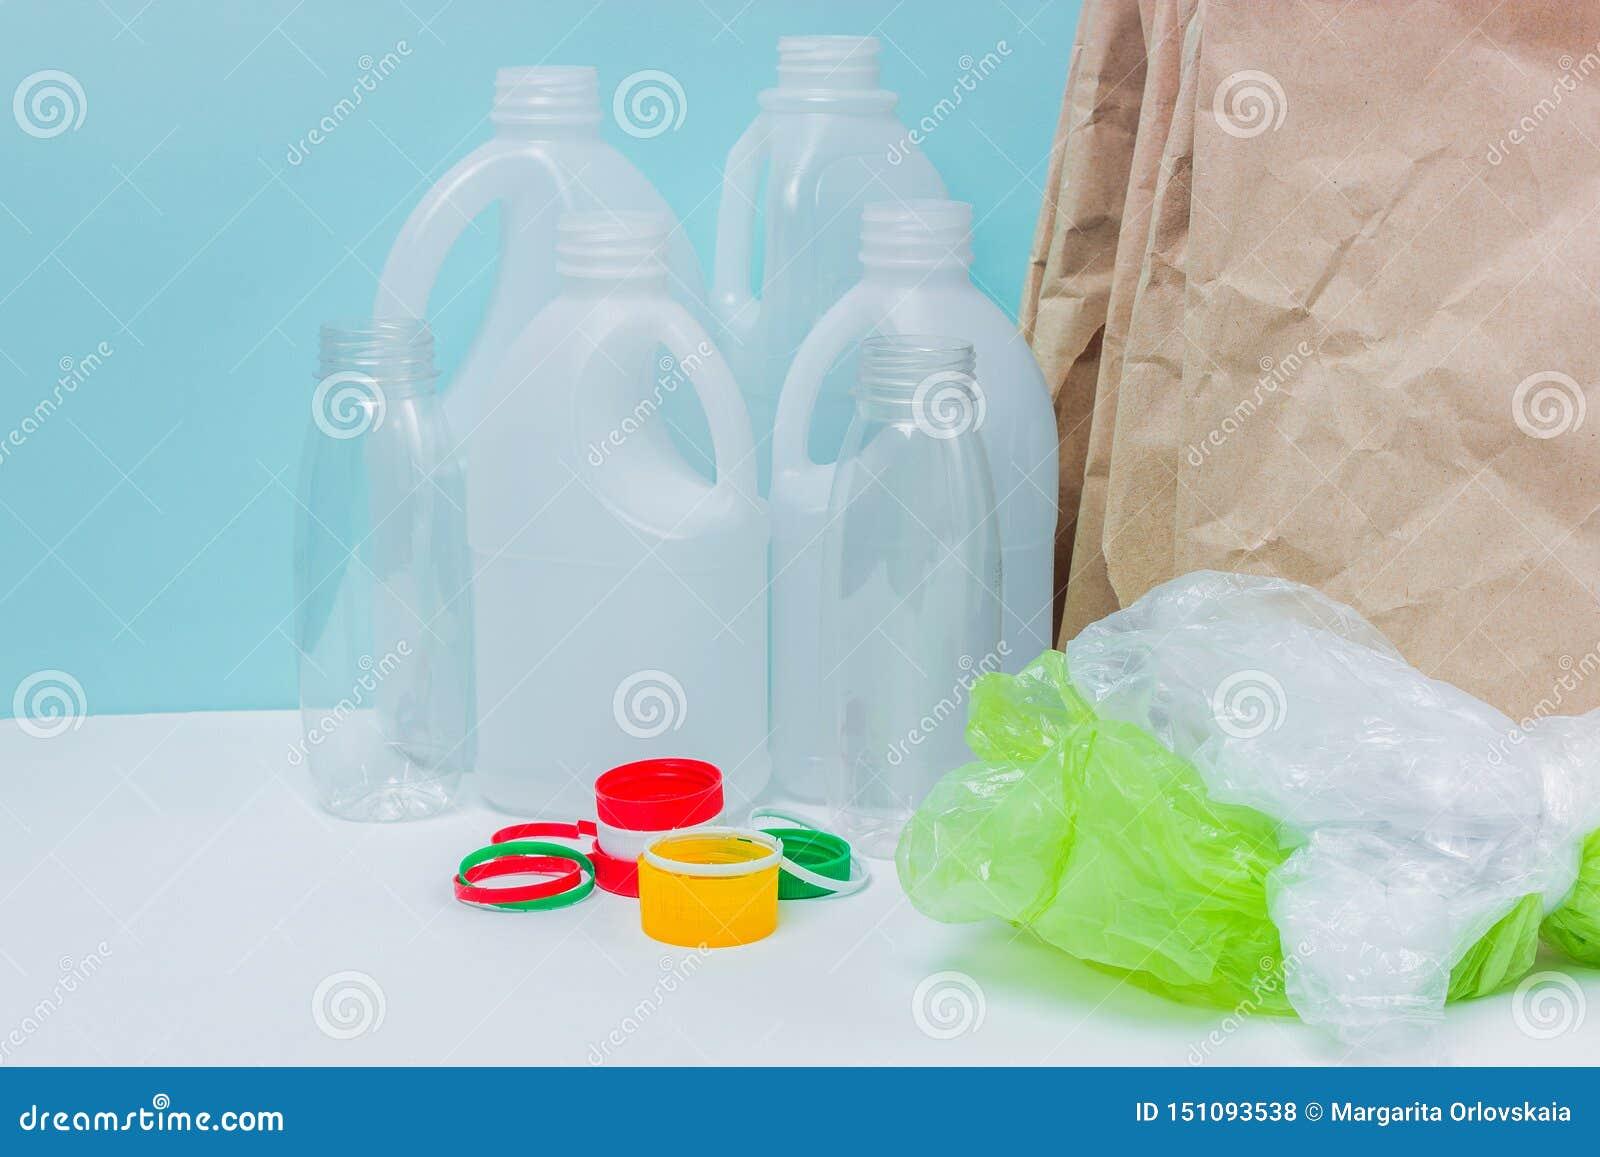 Återvinningsbara material på blå bakgrund